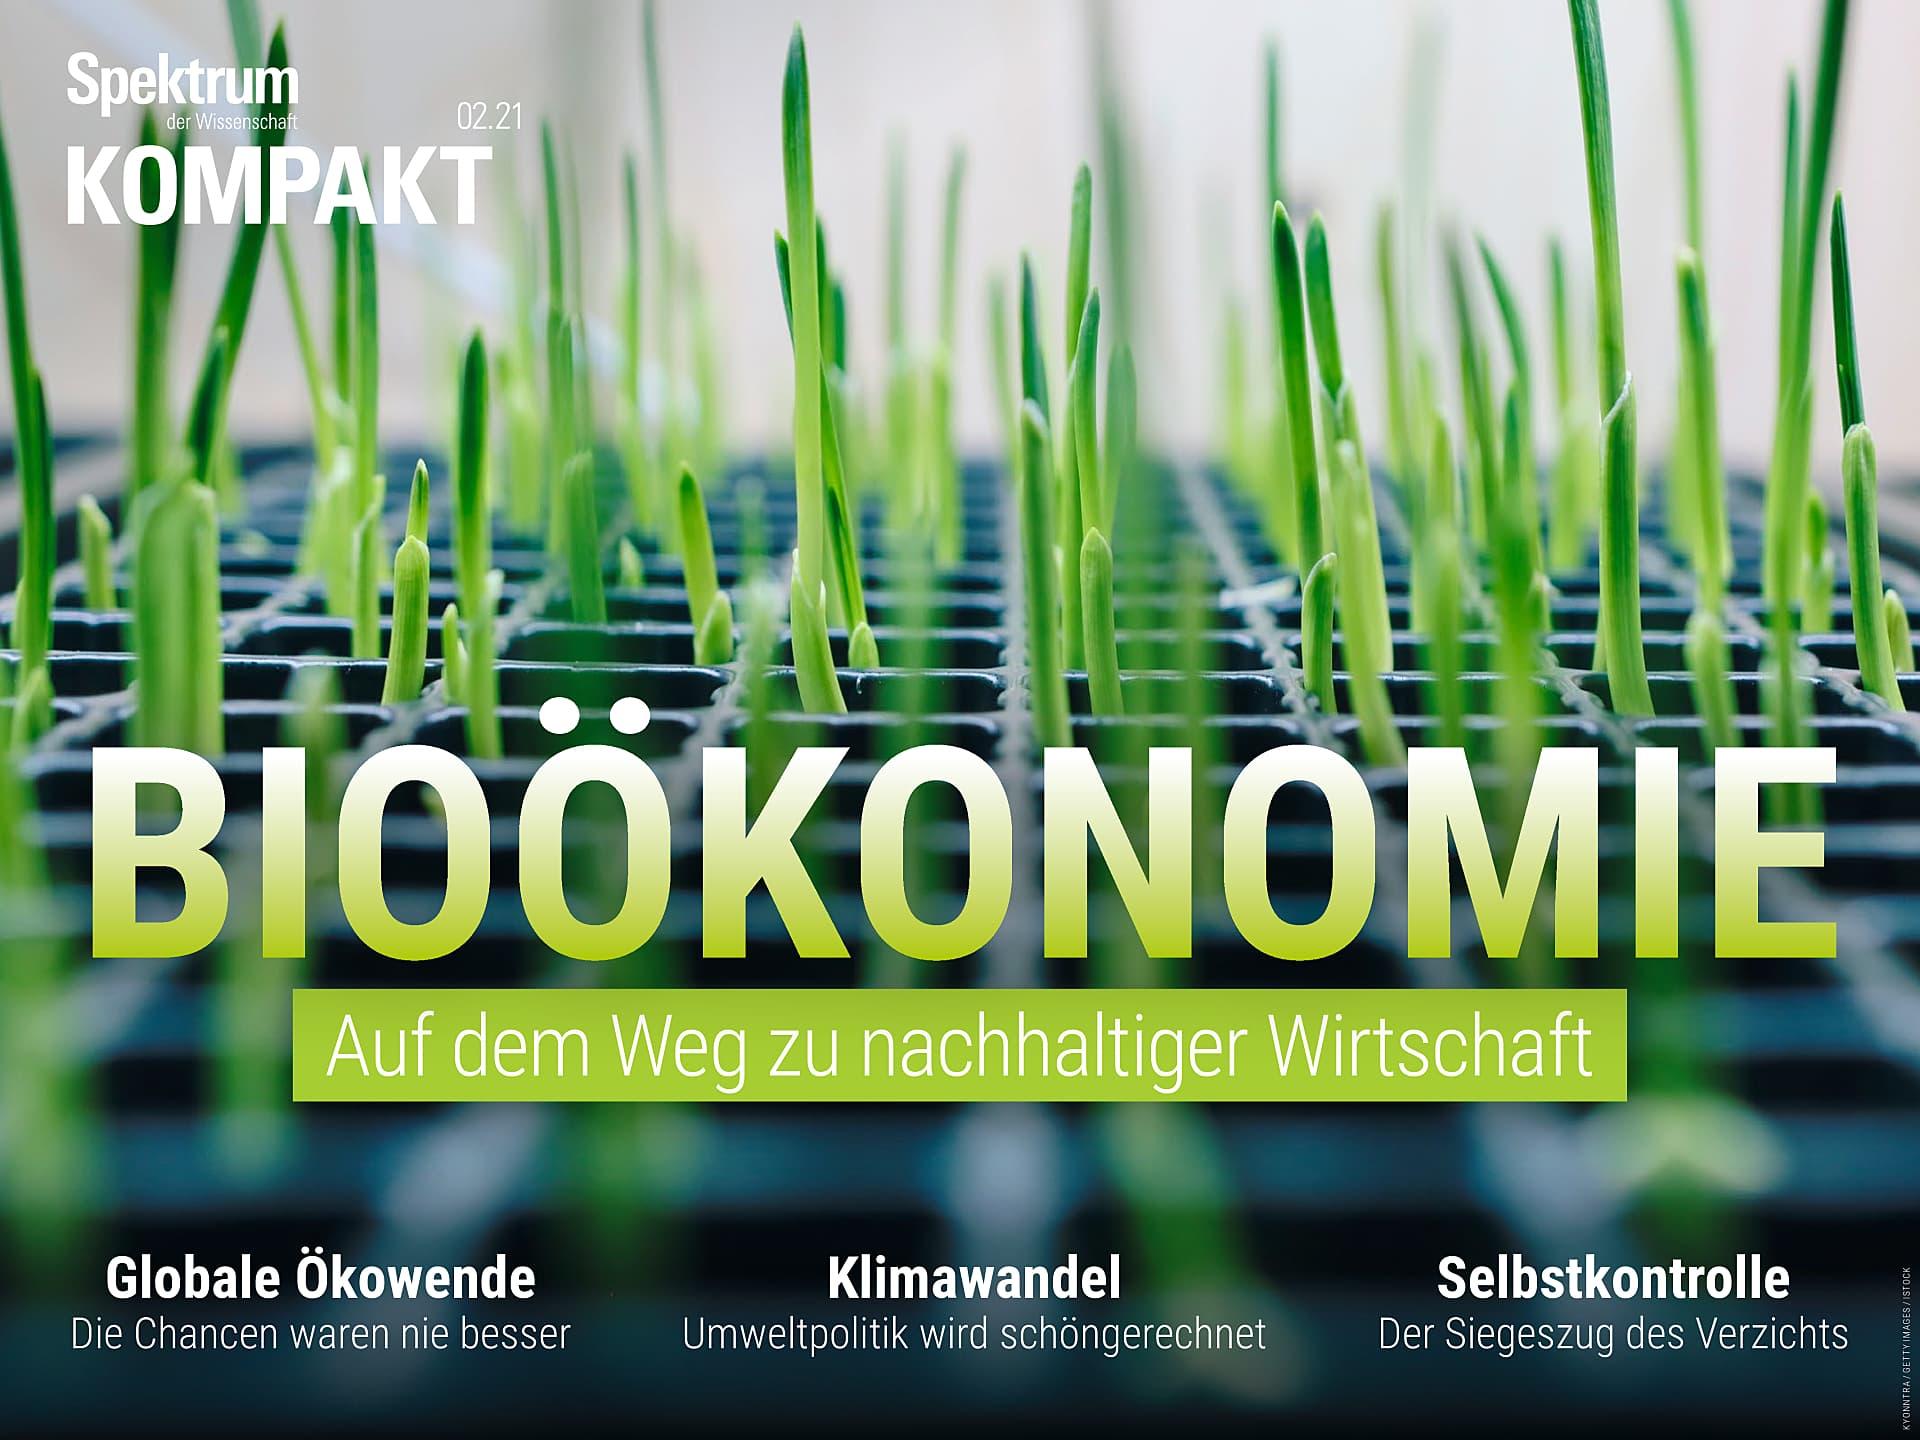 Bioökonomie - Auf dem Weg zu nachhaltiger Wirtschaft